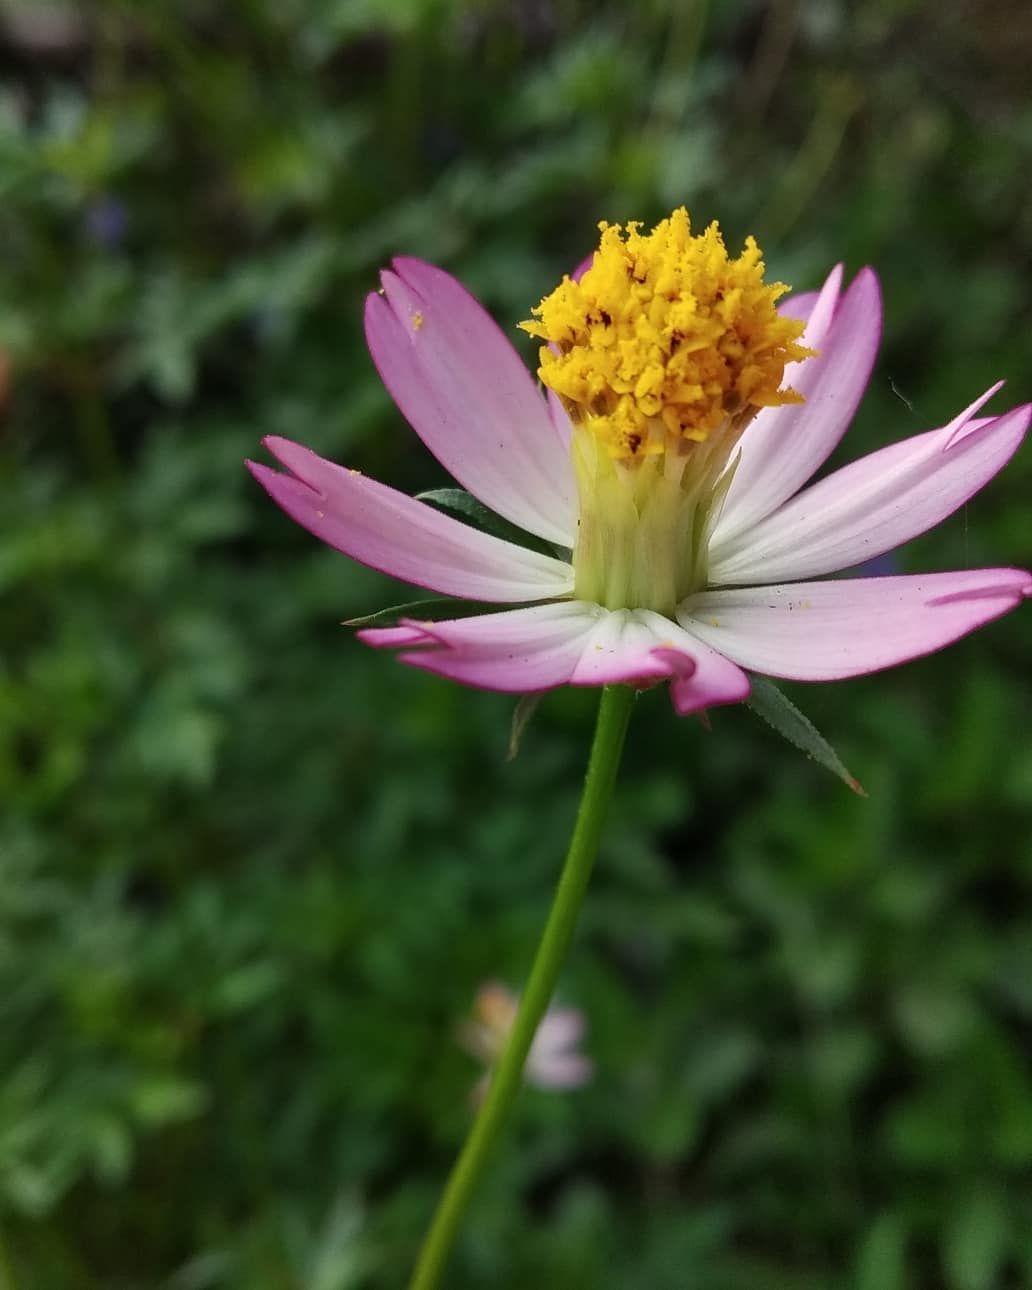 Pin Oleh Yuli Astutik Di Yang Saya Simpan Bunga Daun Taoge